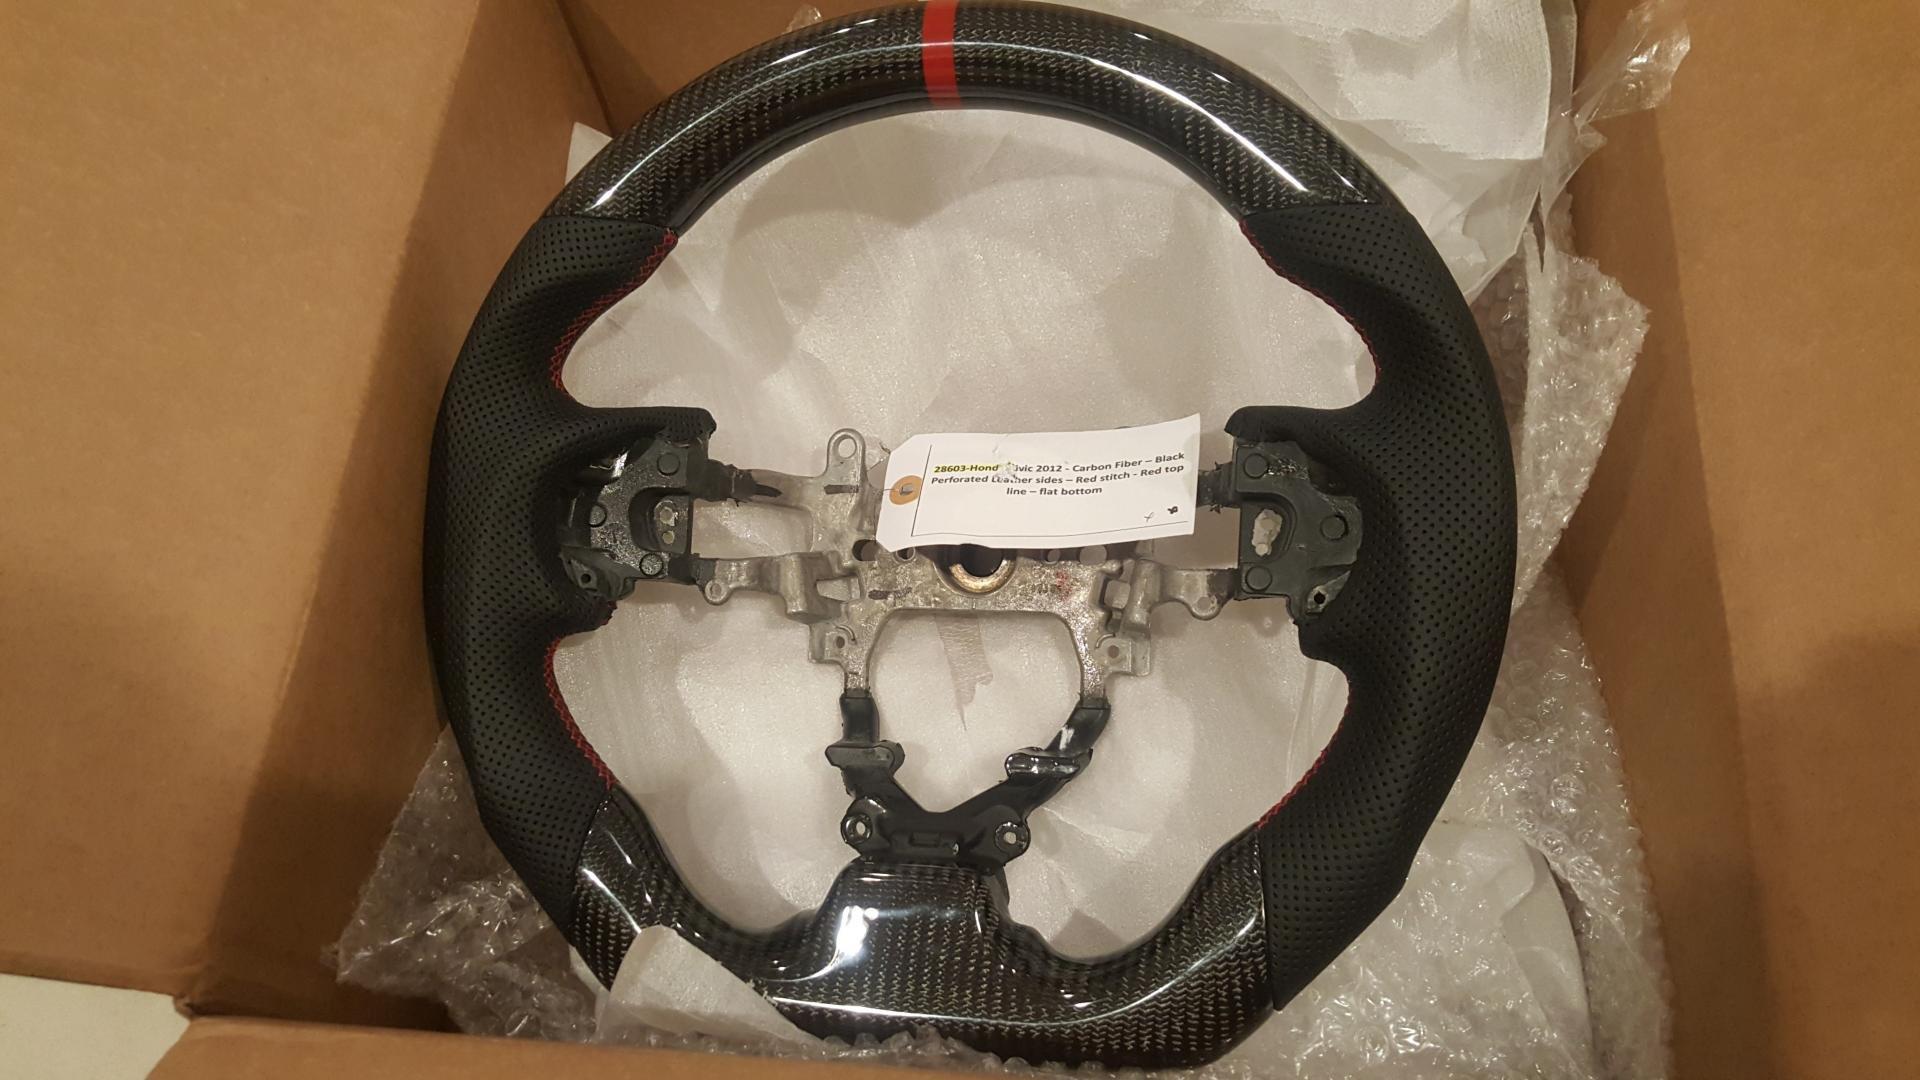 Carbonfiber Steering Wheel - scgarageworks-20180725_204324.jpg